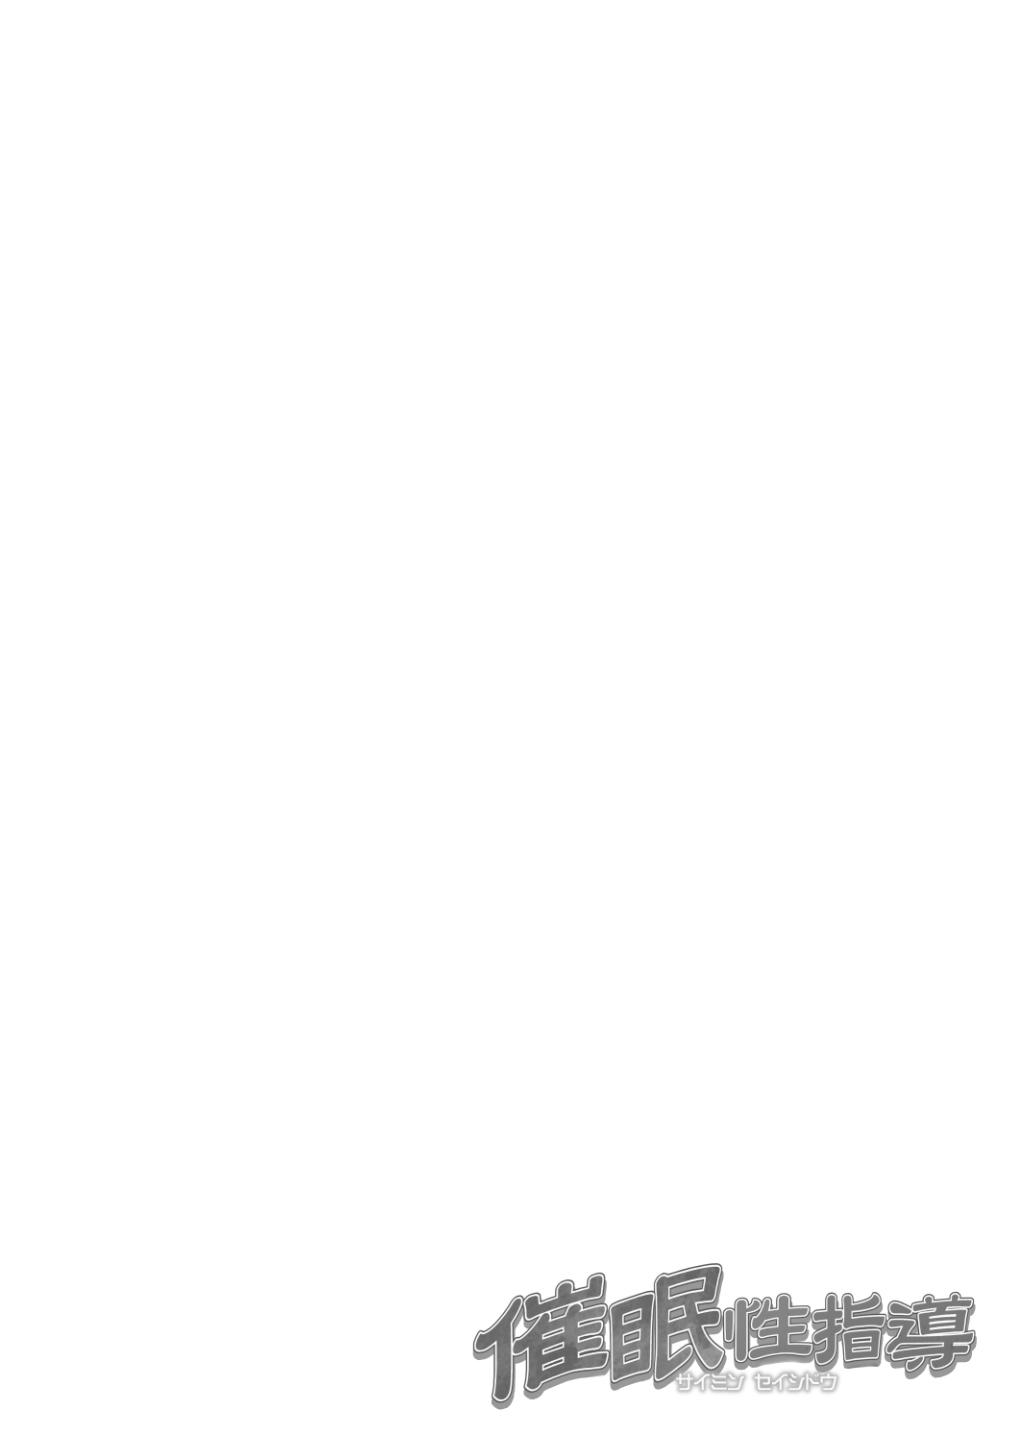 ลวงจิตบังคับร่าง - ทากามิเนะ & ซึชิมะ & เรอิ ภาพ 34